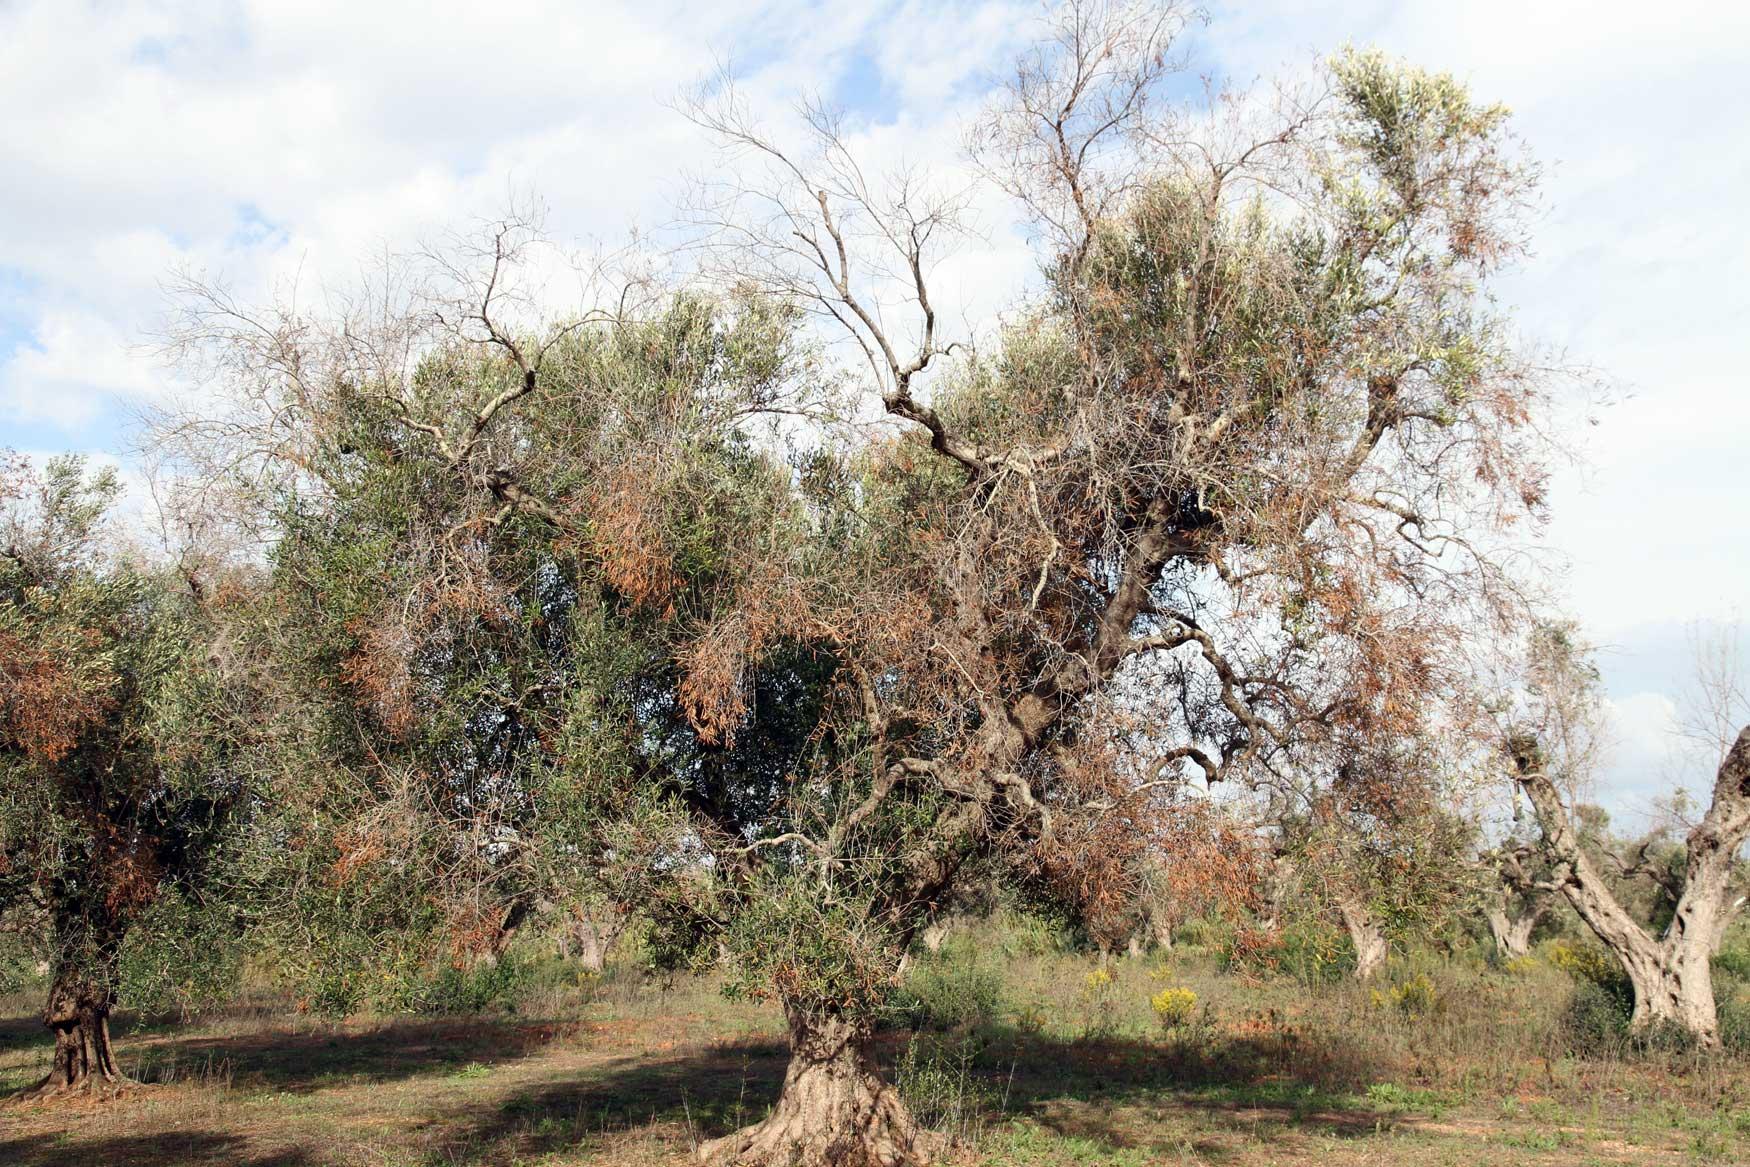 Árbol severamente afectado